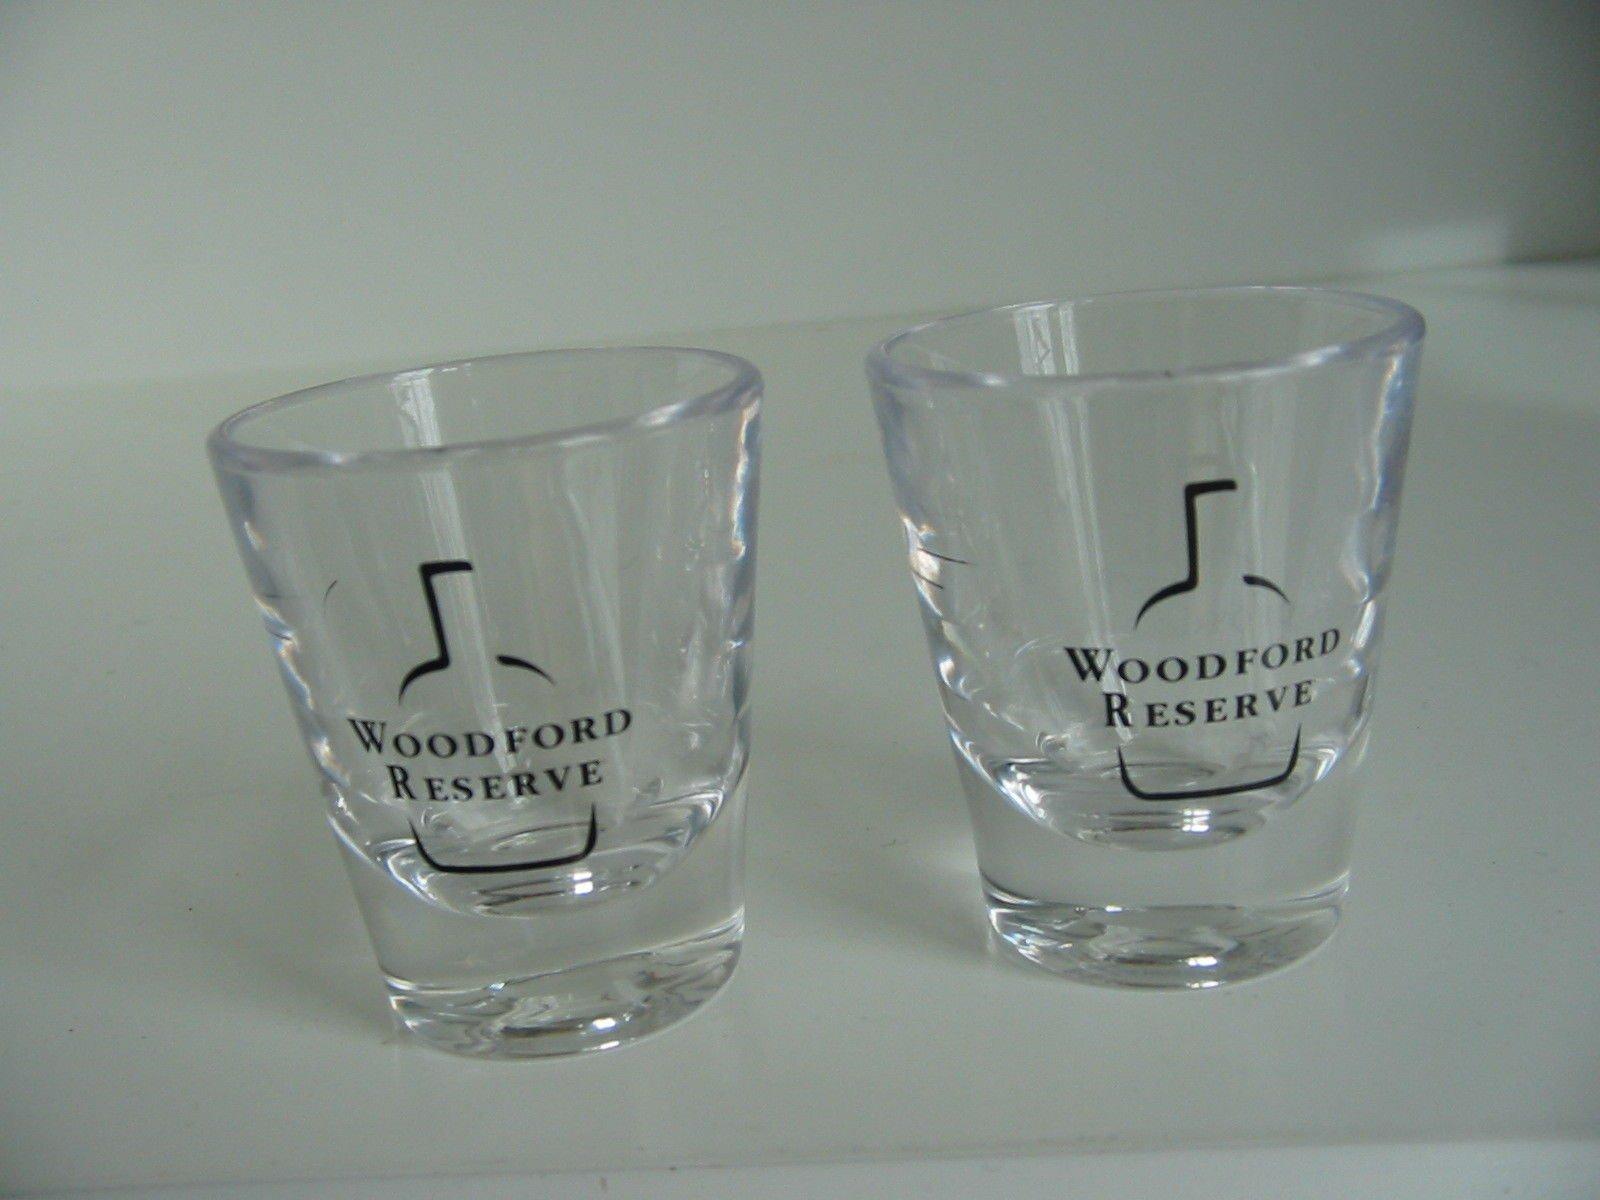 Woodford Reserve Shot Glass Set - Set of 2